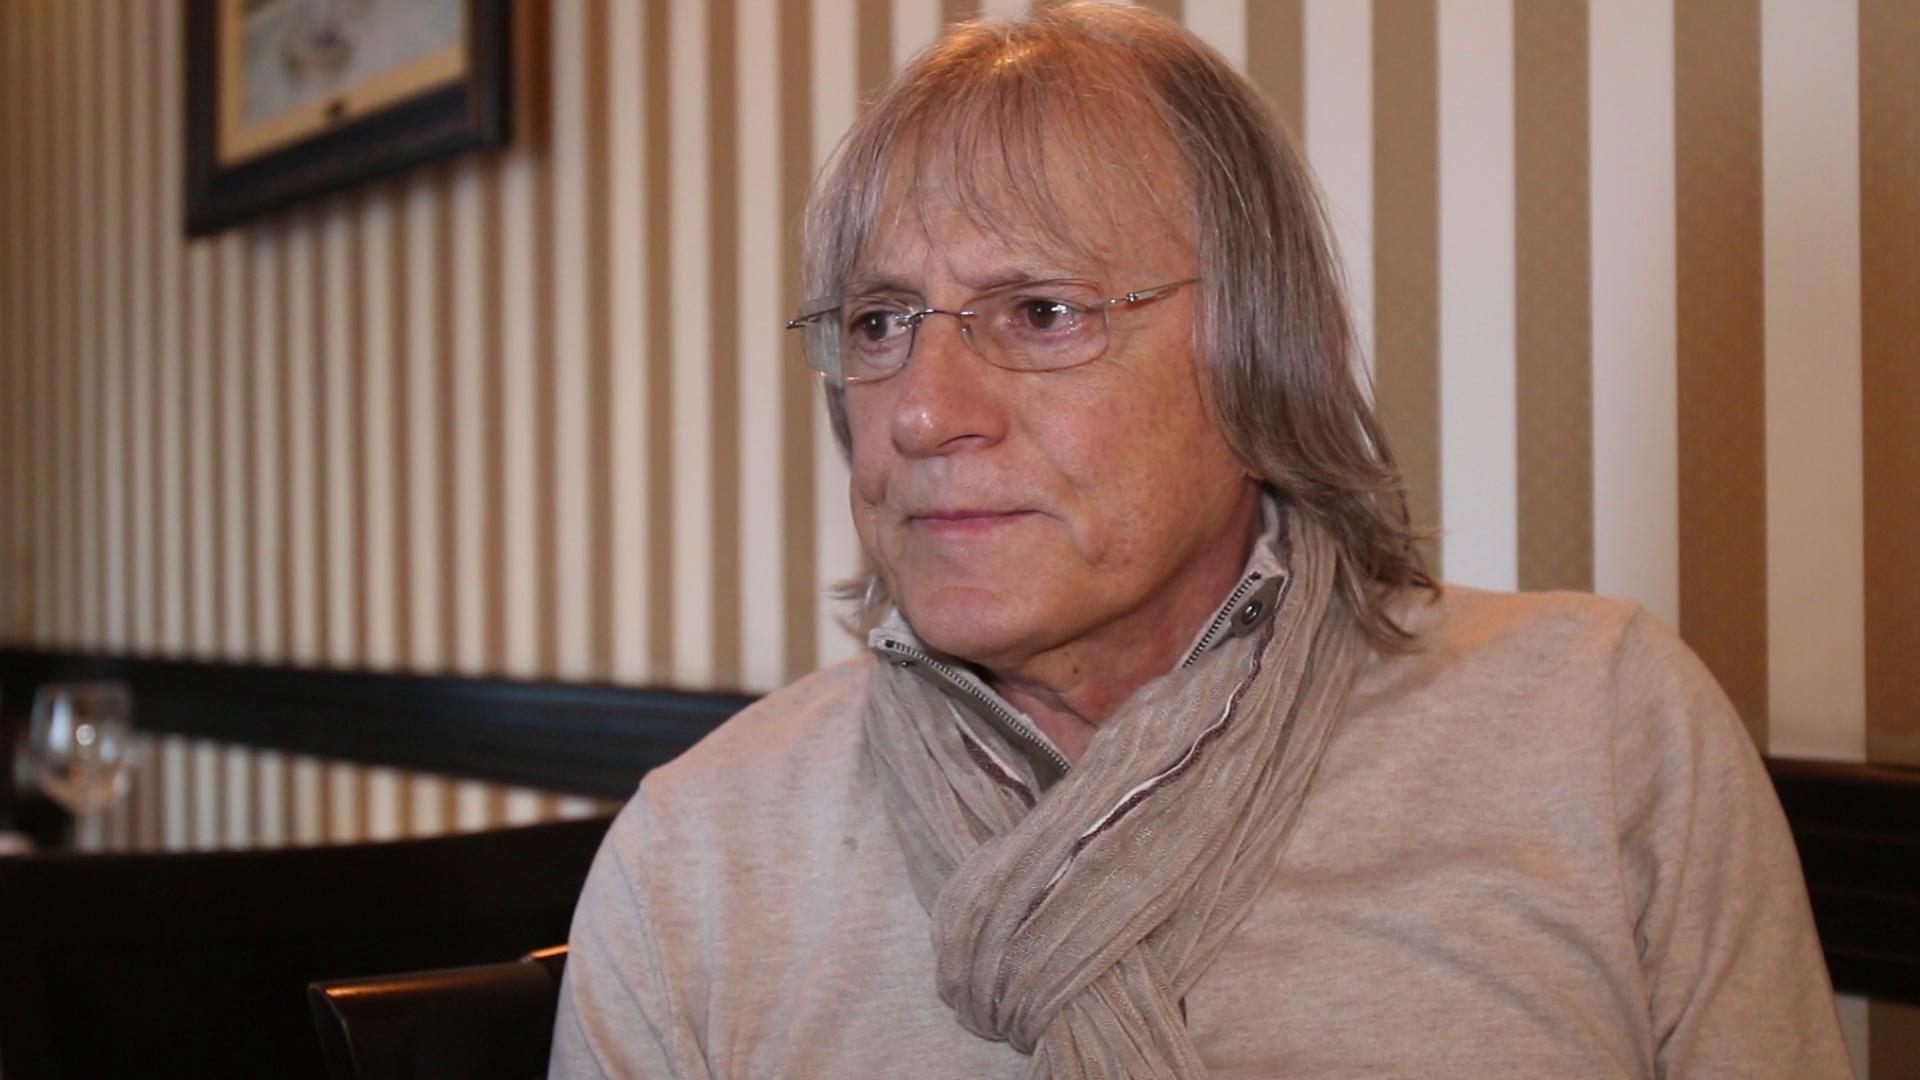 Mihai Constantinescu sufera foarte mult dupa pierderea surorii sale